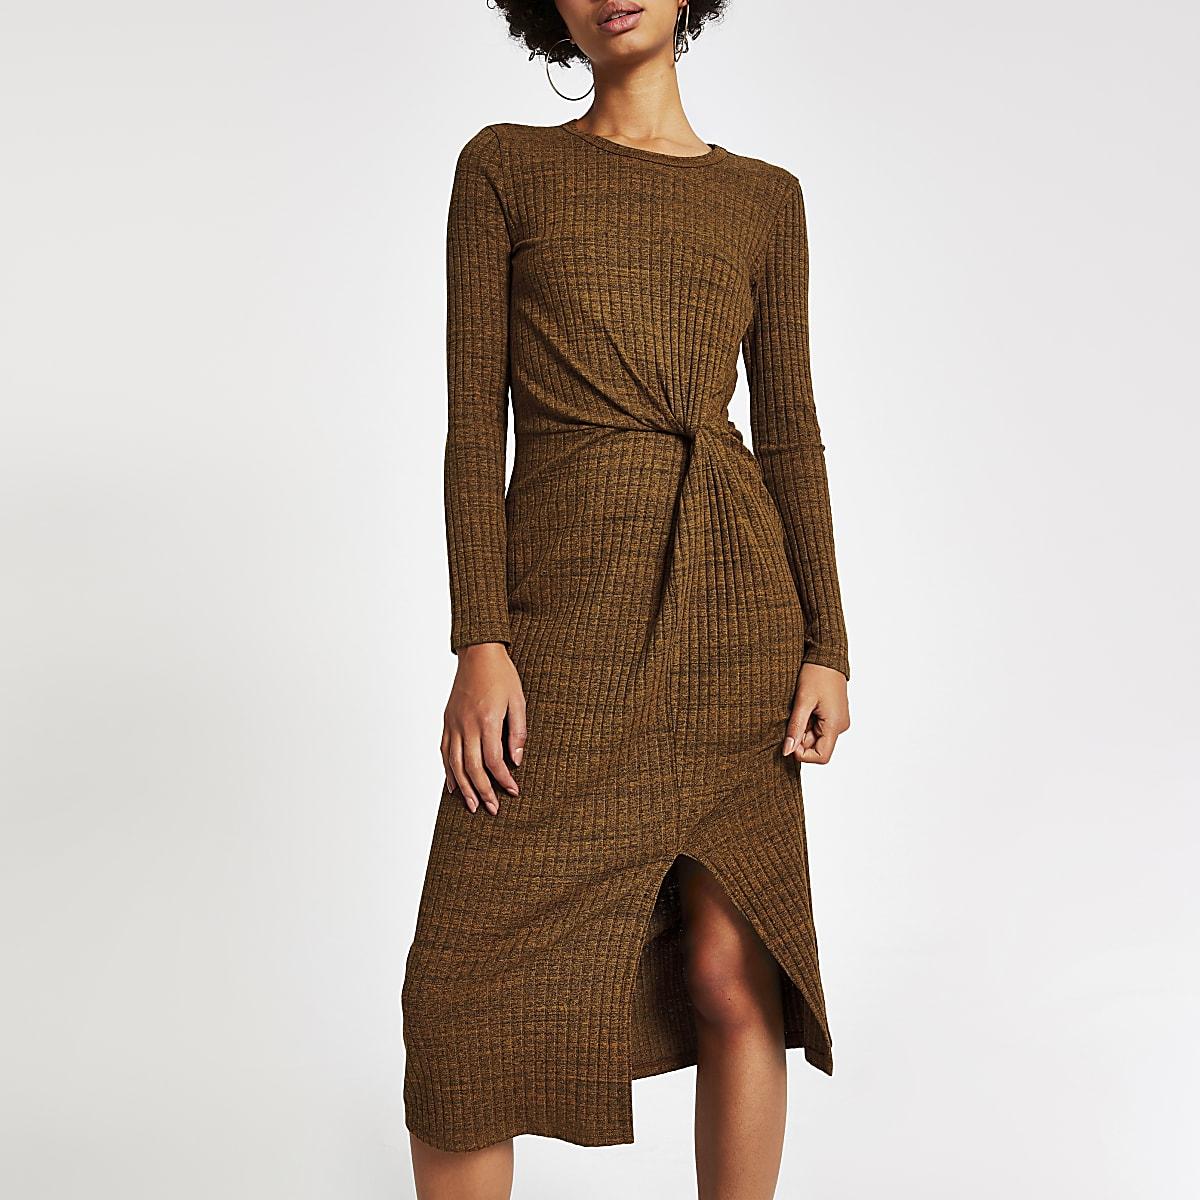 Roestbruine midi-jurk met gedraaide voorzijde